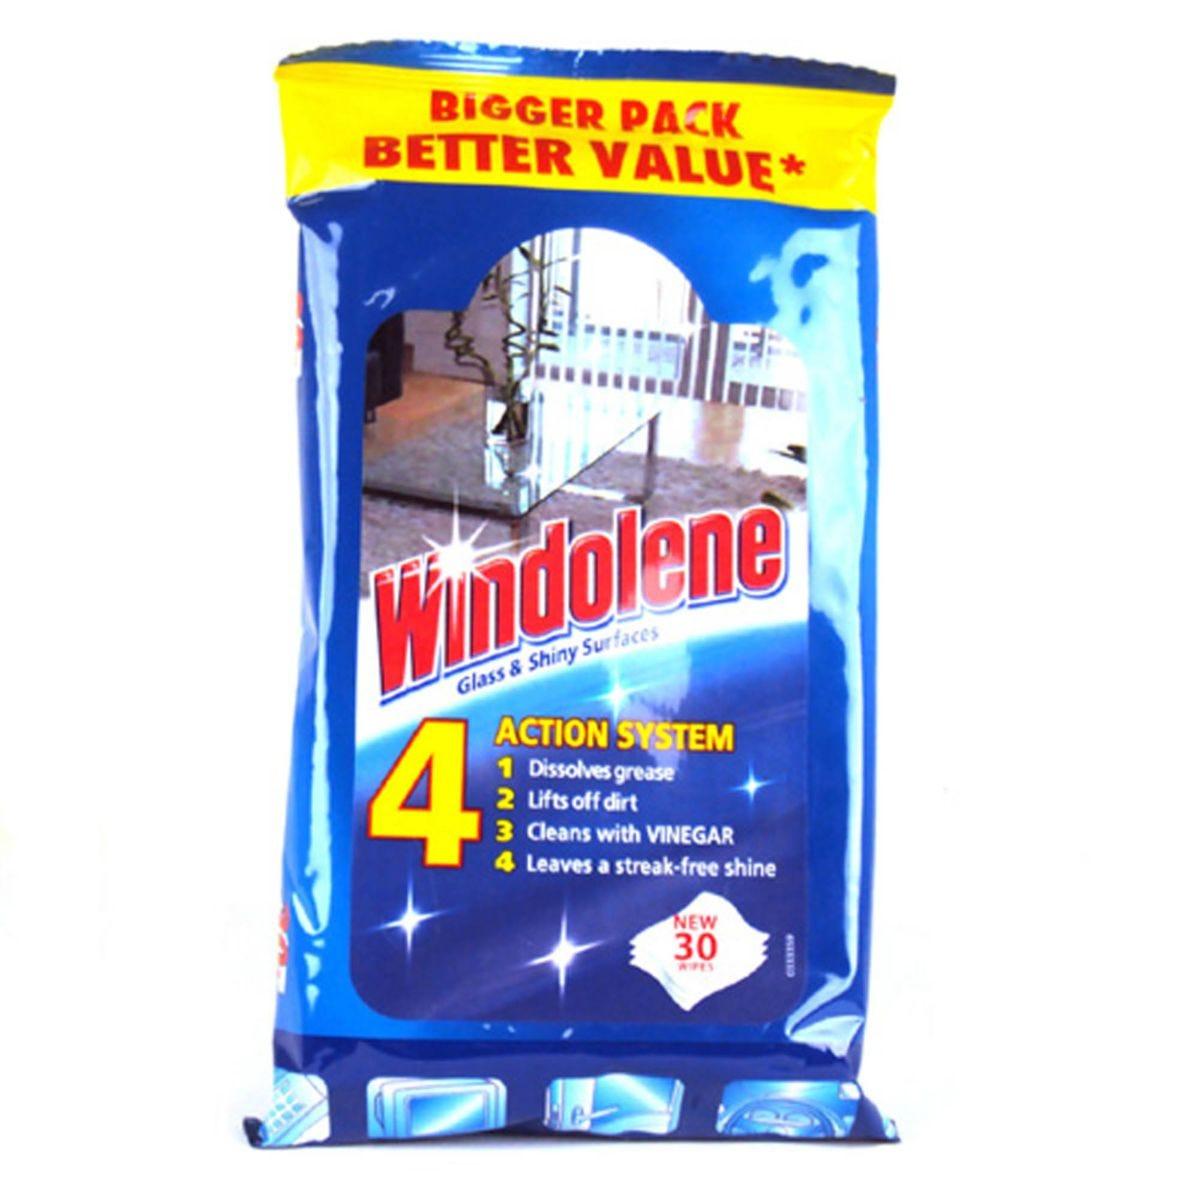 Windolene Wipes - 30 Wipes